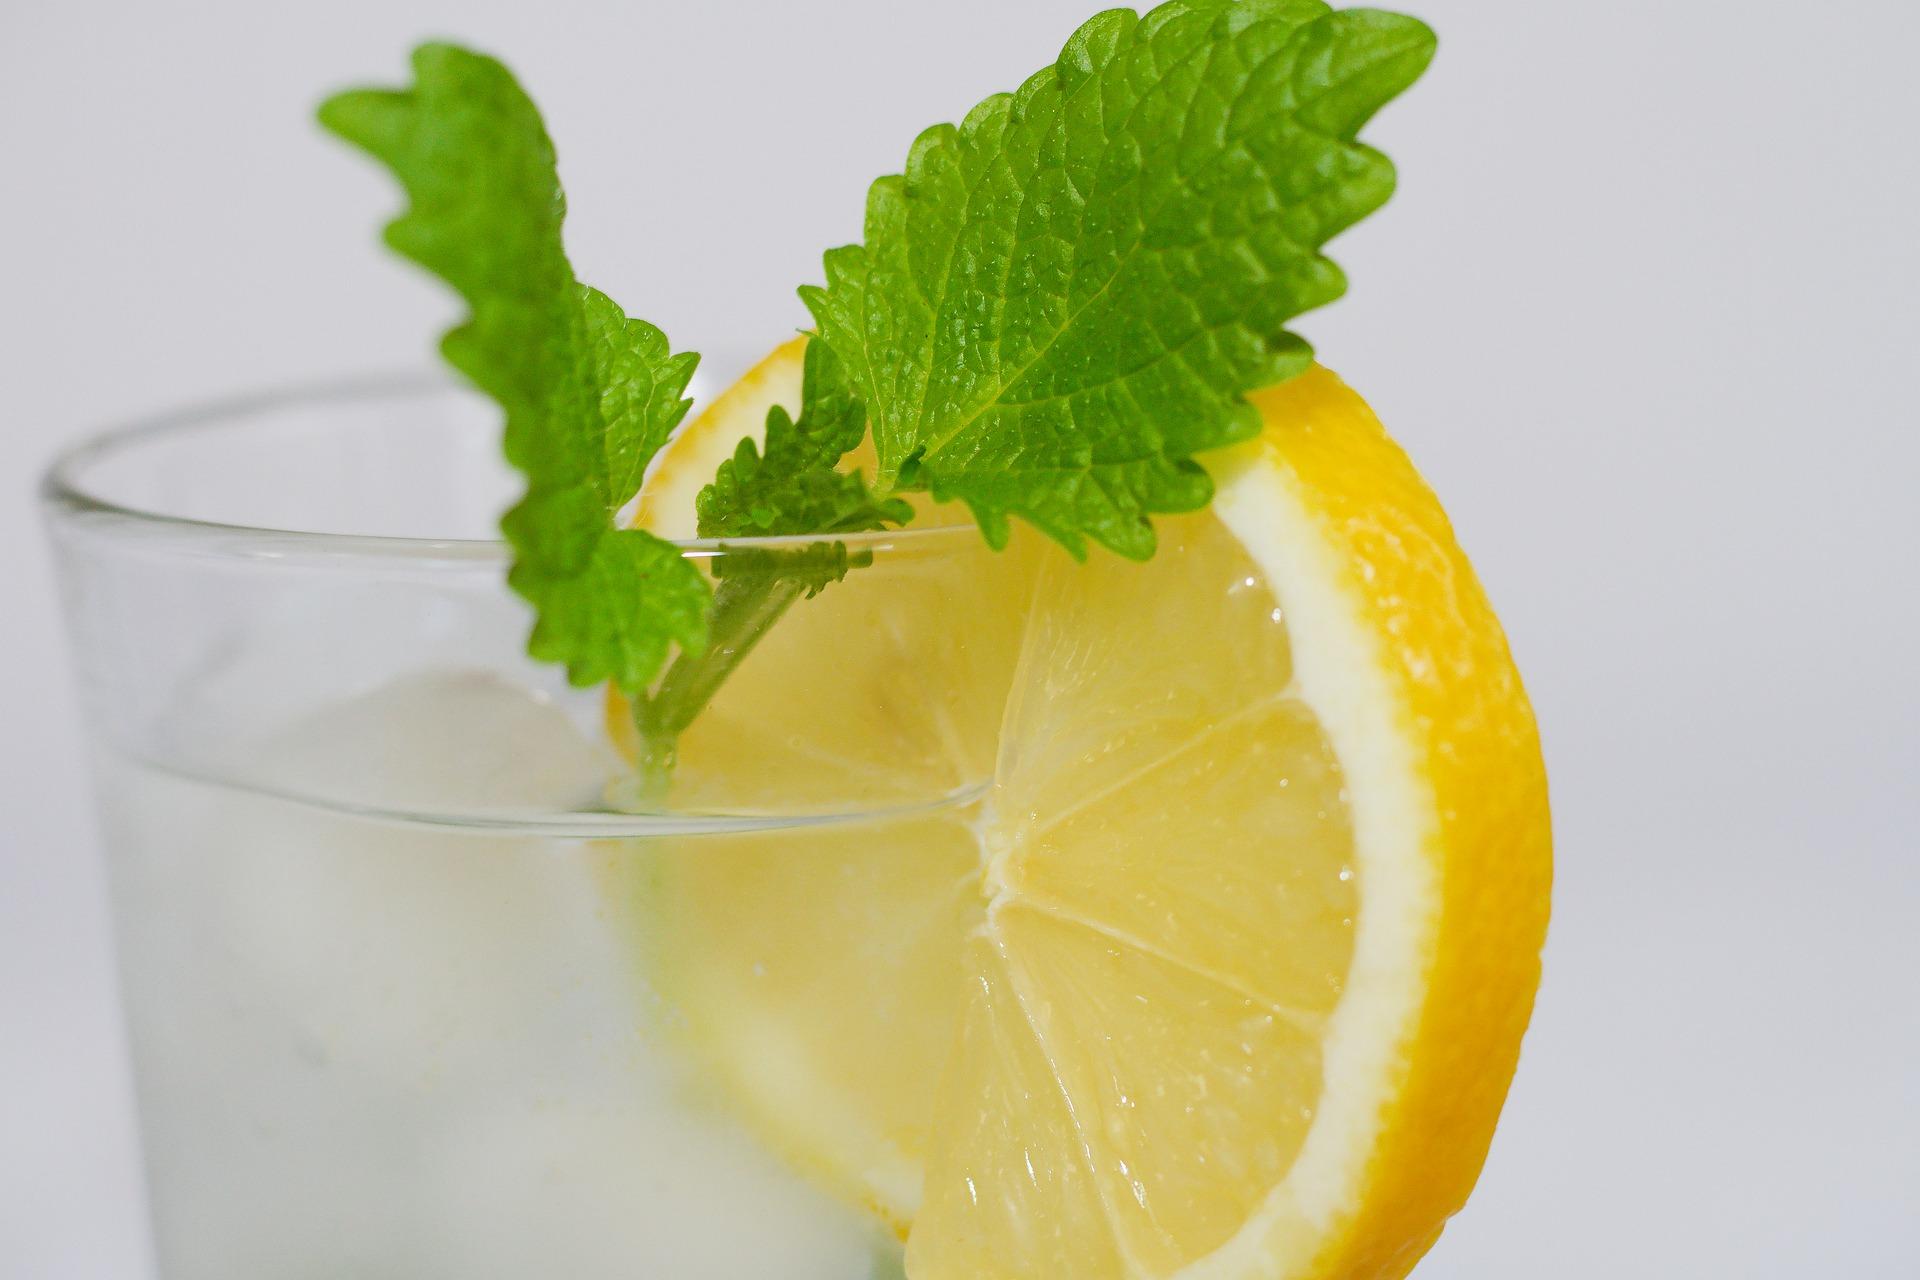 Le citron pour maigrir : Est-ce un mythe ou une réalité ?